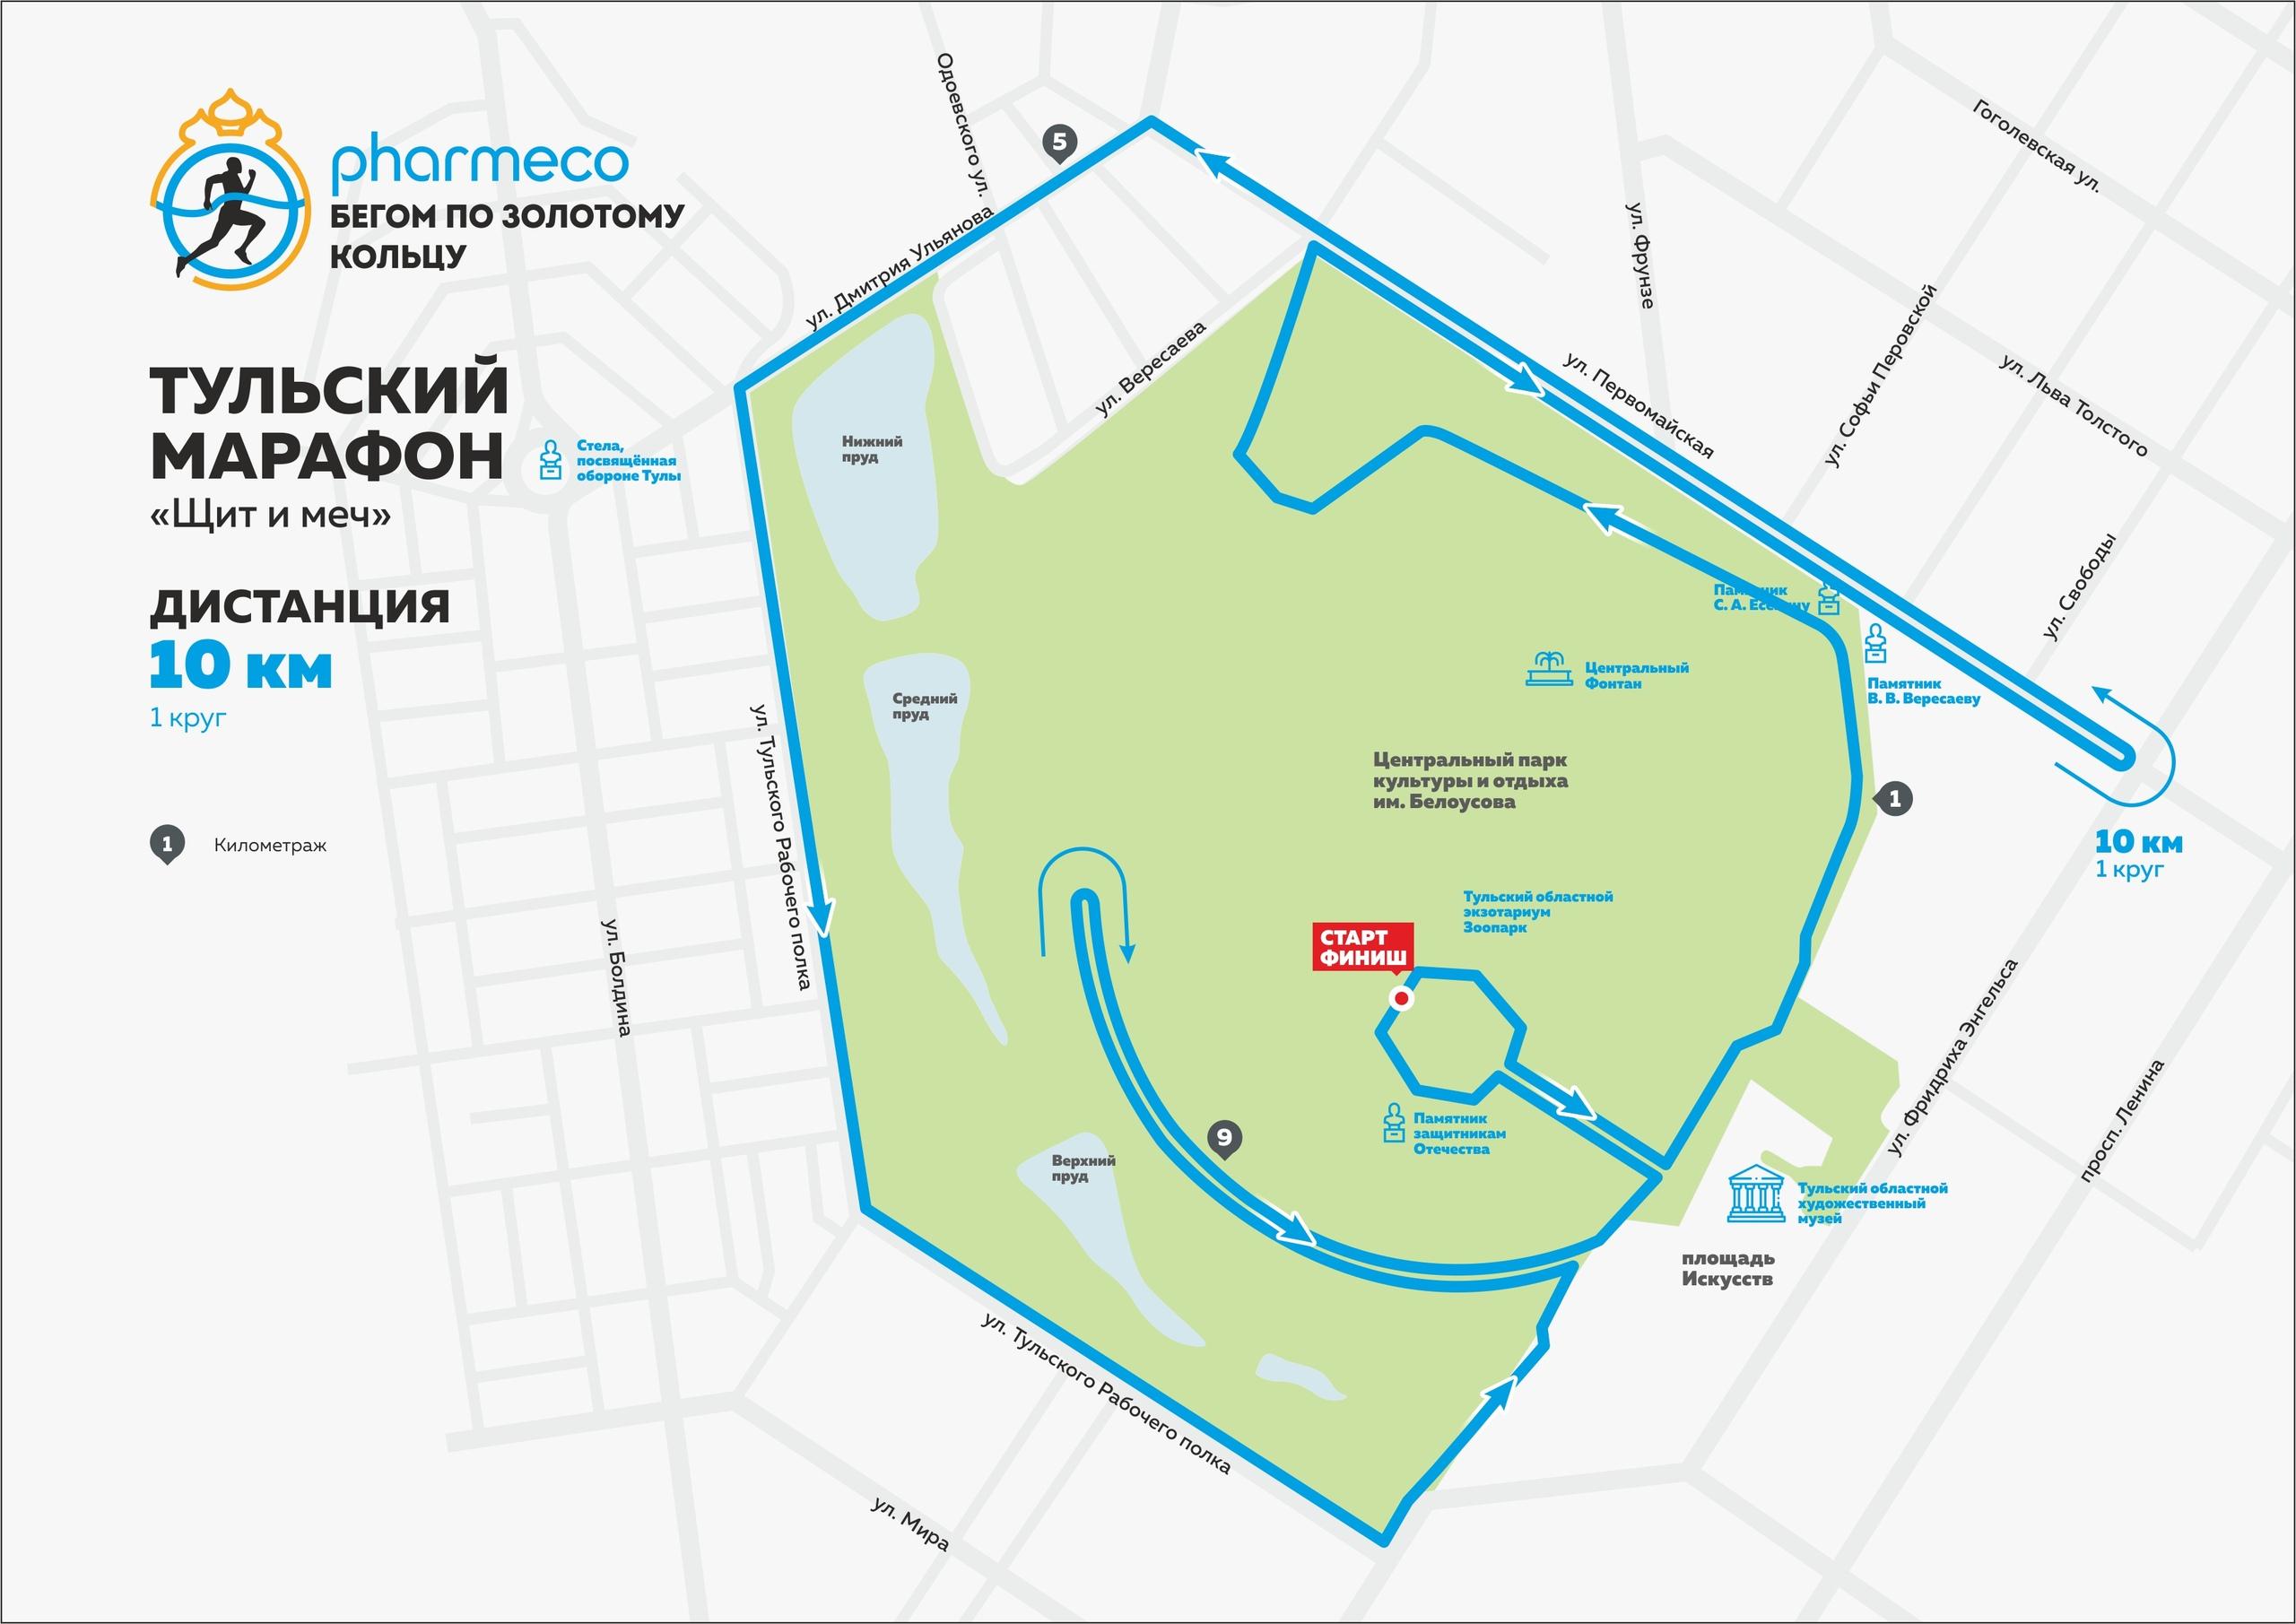 Дистанция 10 км Тульского марафона